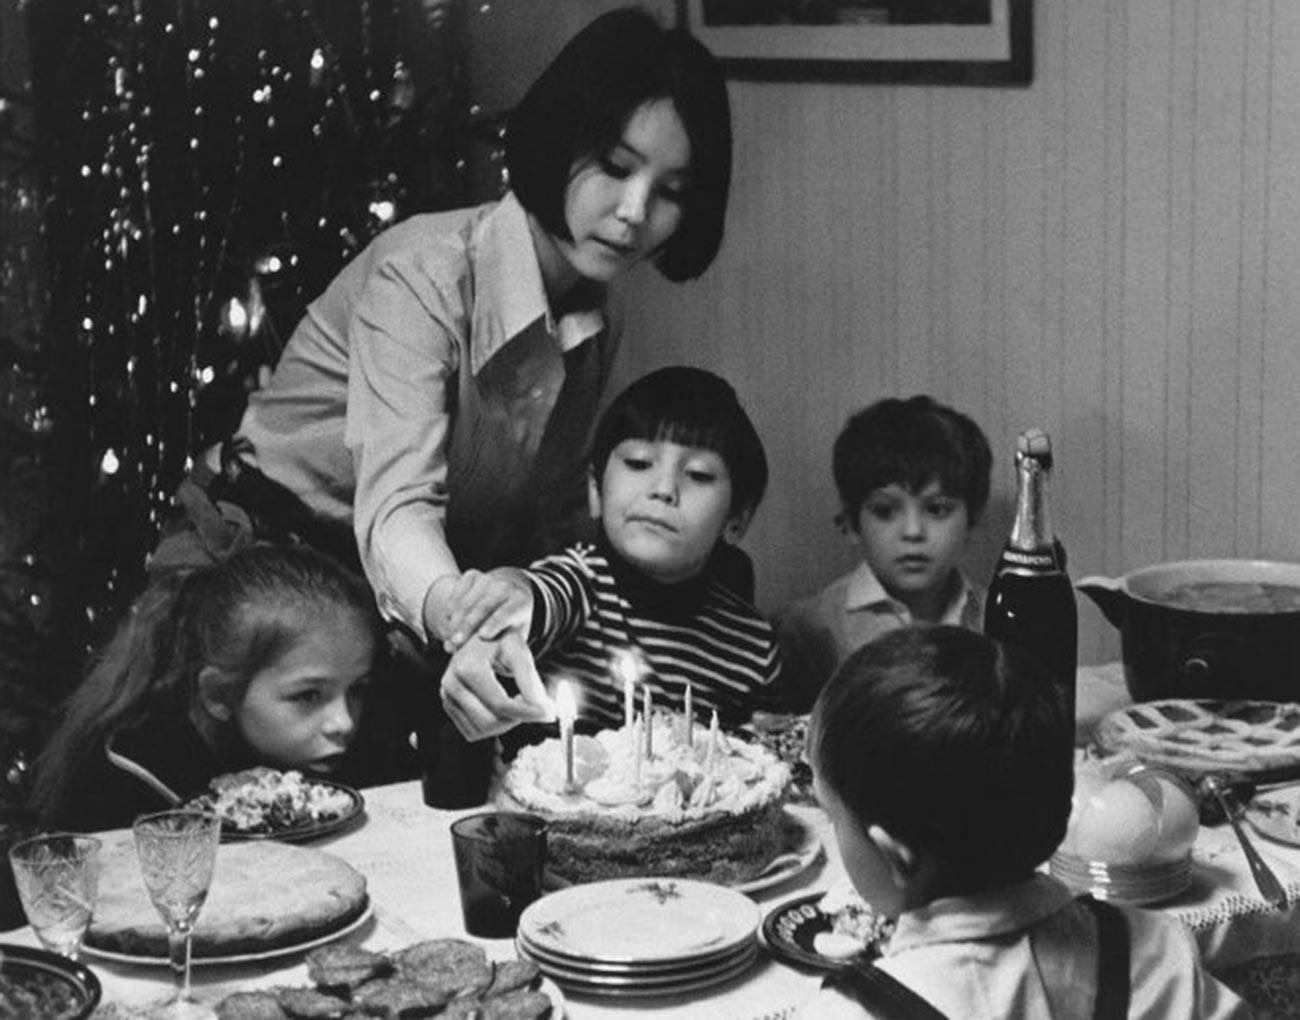 Una fiesta de cumpleaños del futuro director de cine ruso Yegor Konchalovski en 1972.